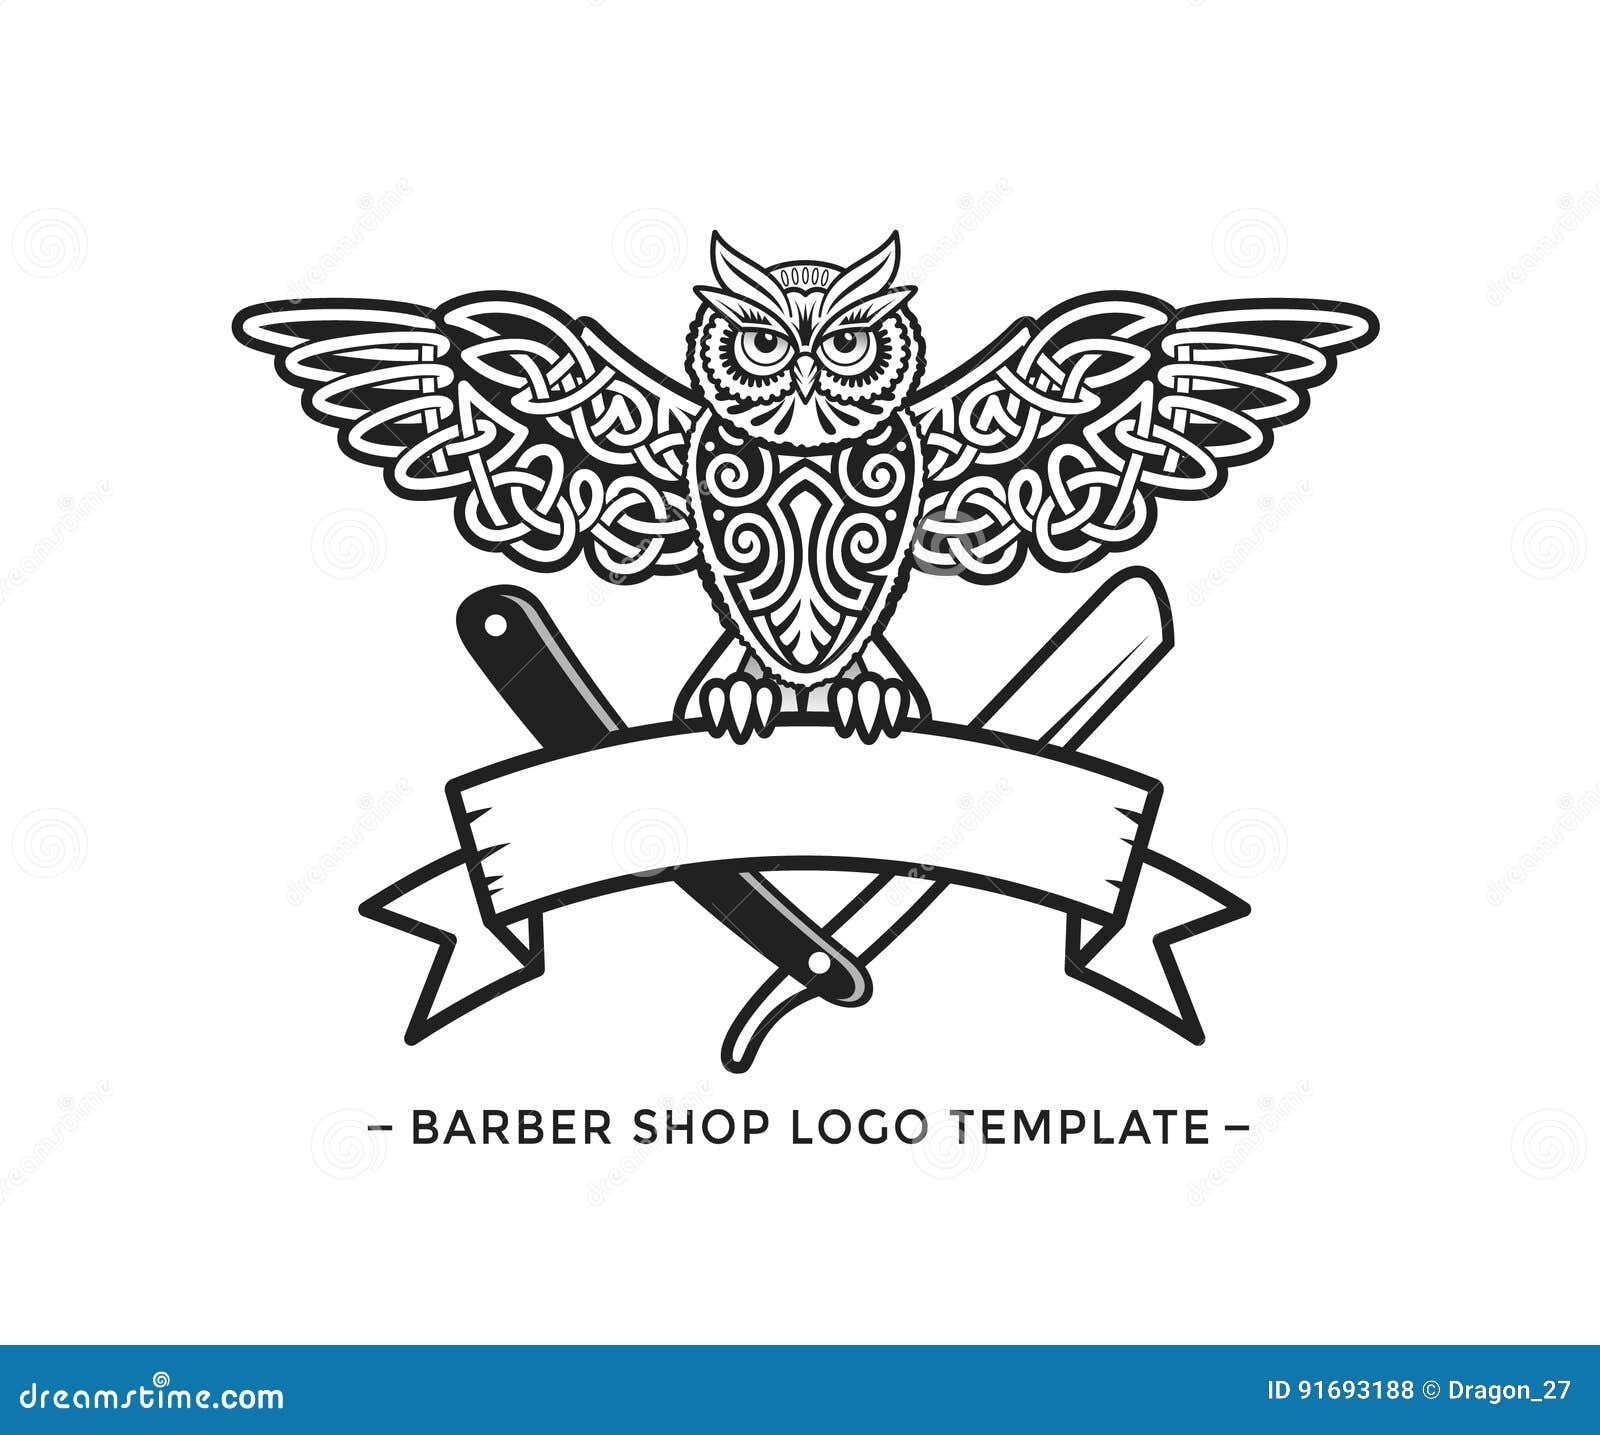 Barber Shop Logo Template Celtic Owl Vector Illustration